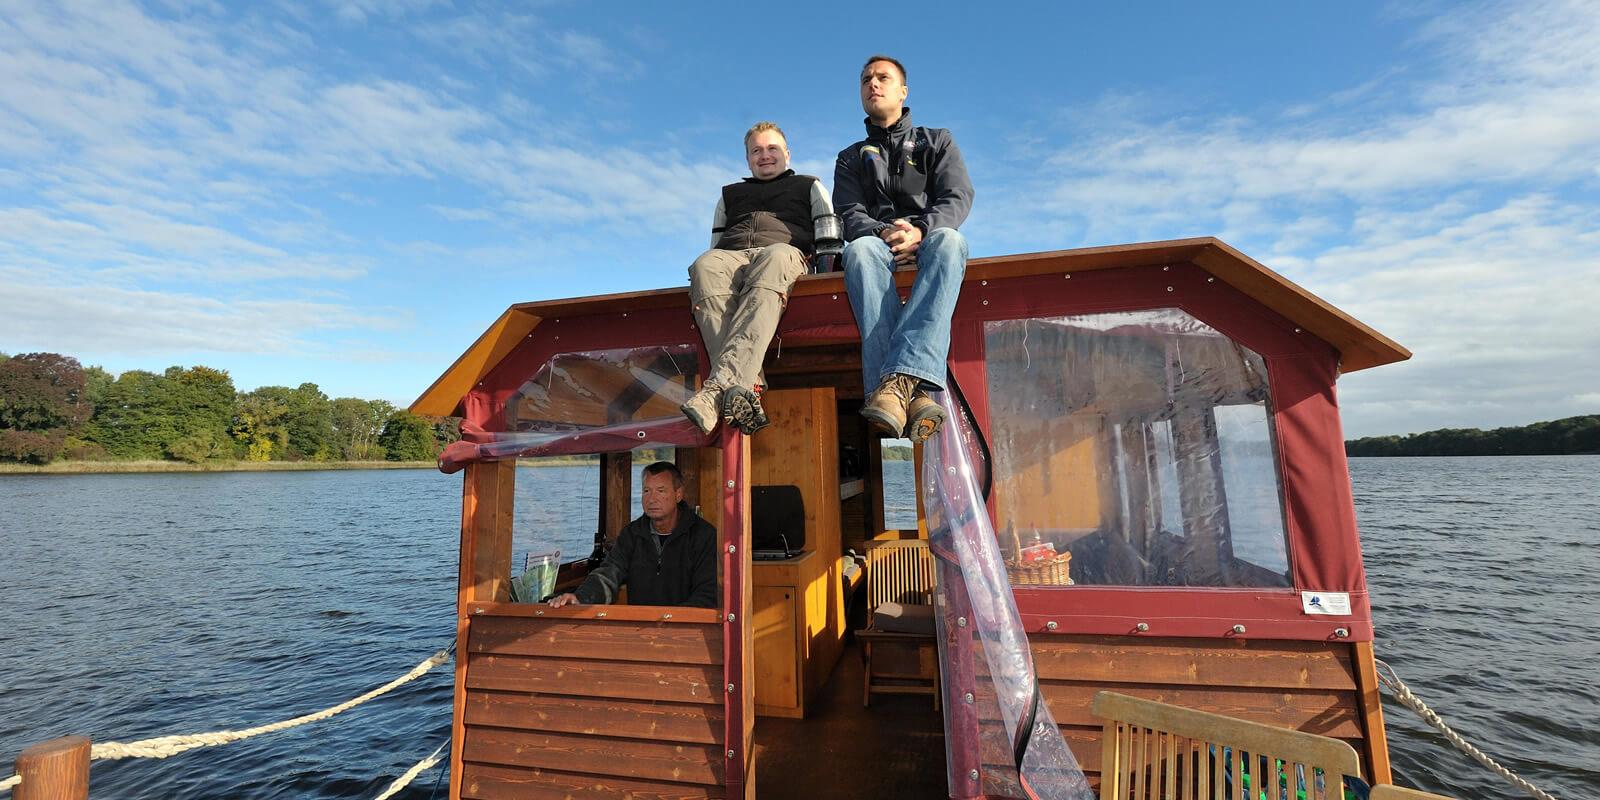 home - tom sawyer - flösse, floßtouren, floßbau, hausboote